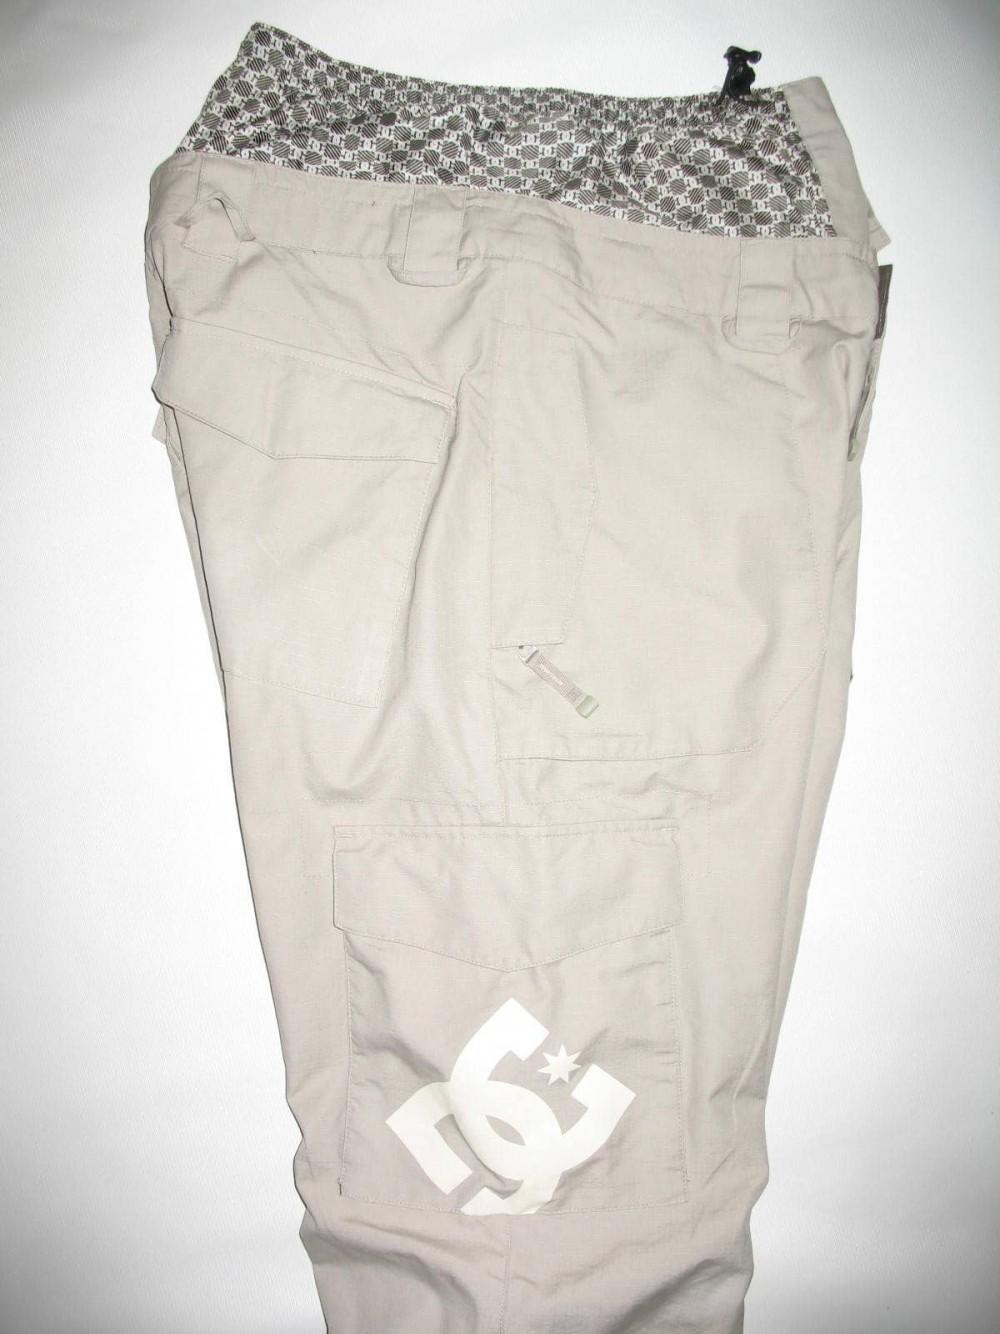 Штаны DC banshee-r snowboard pants (размер L) - 7